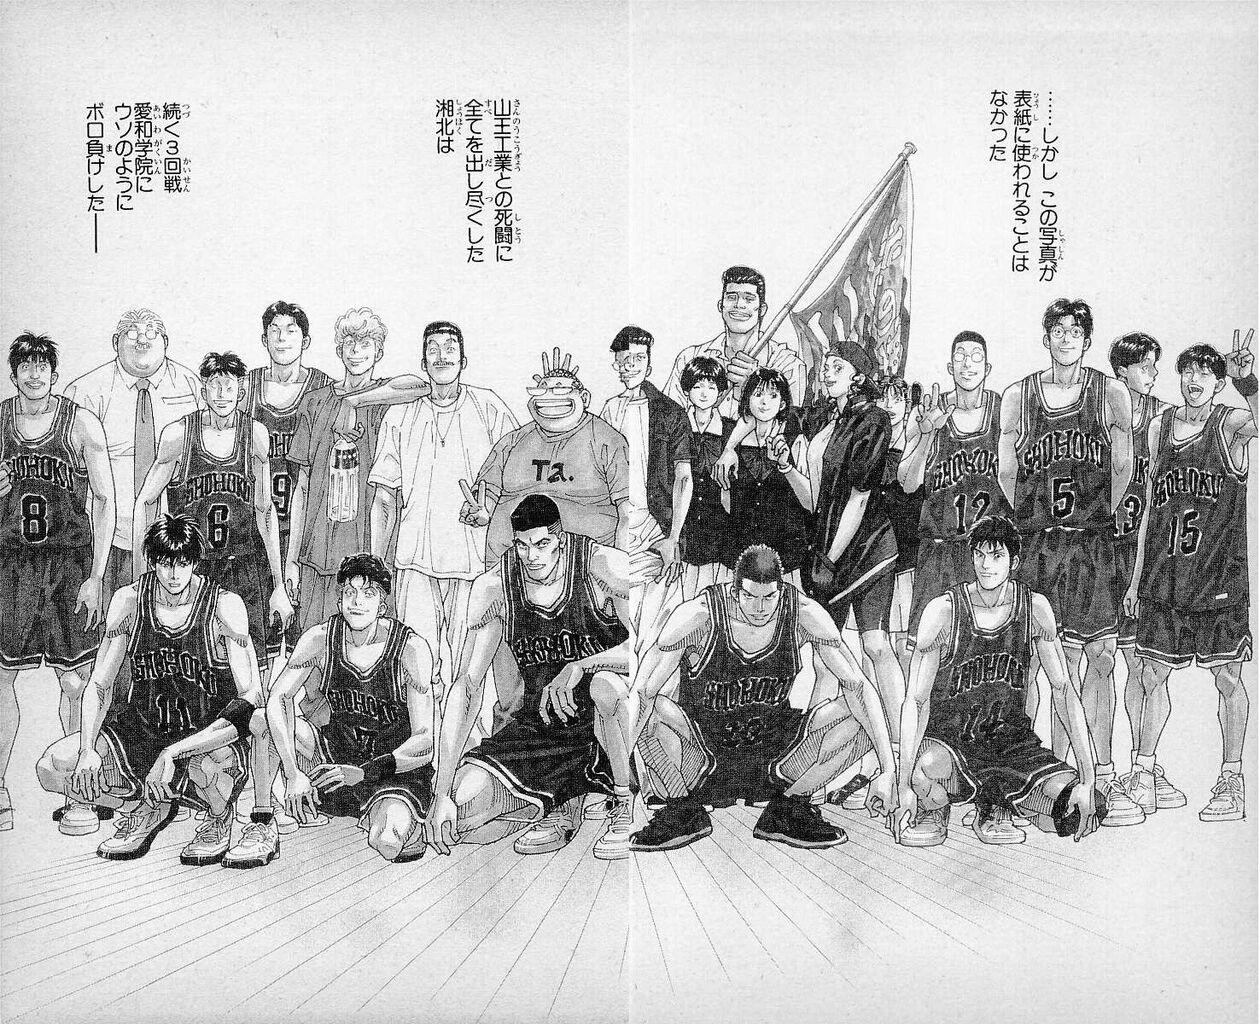 スラムダンク】何で湘北高校は愛和学院にウソのようにボロ負けしたの ...